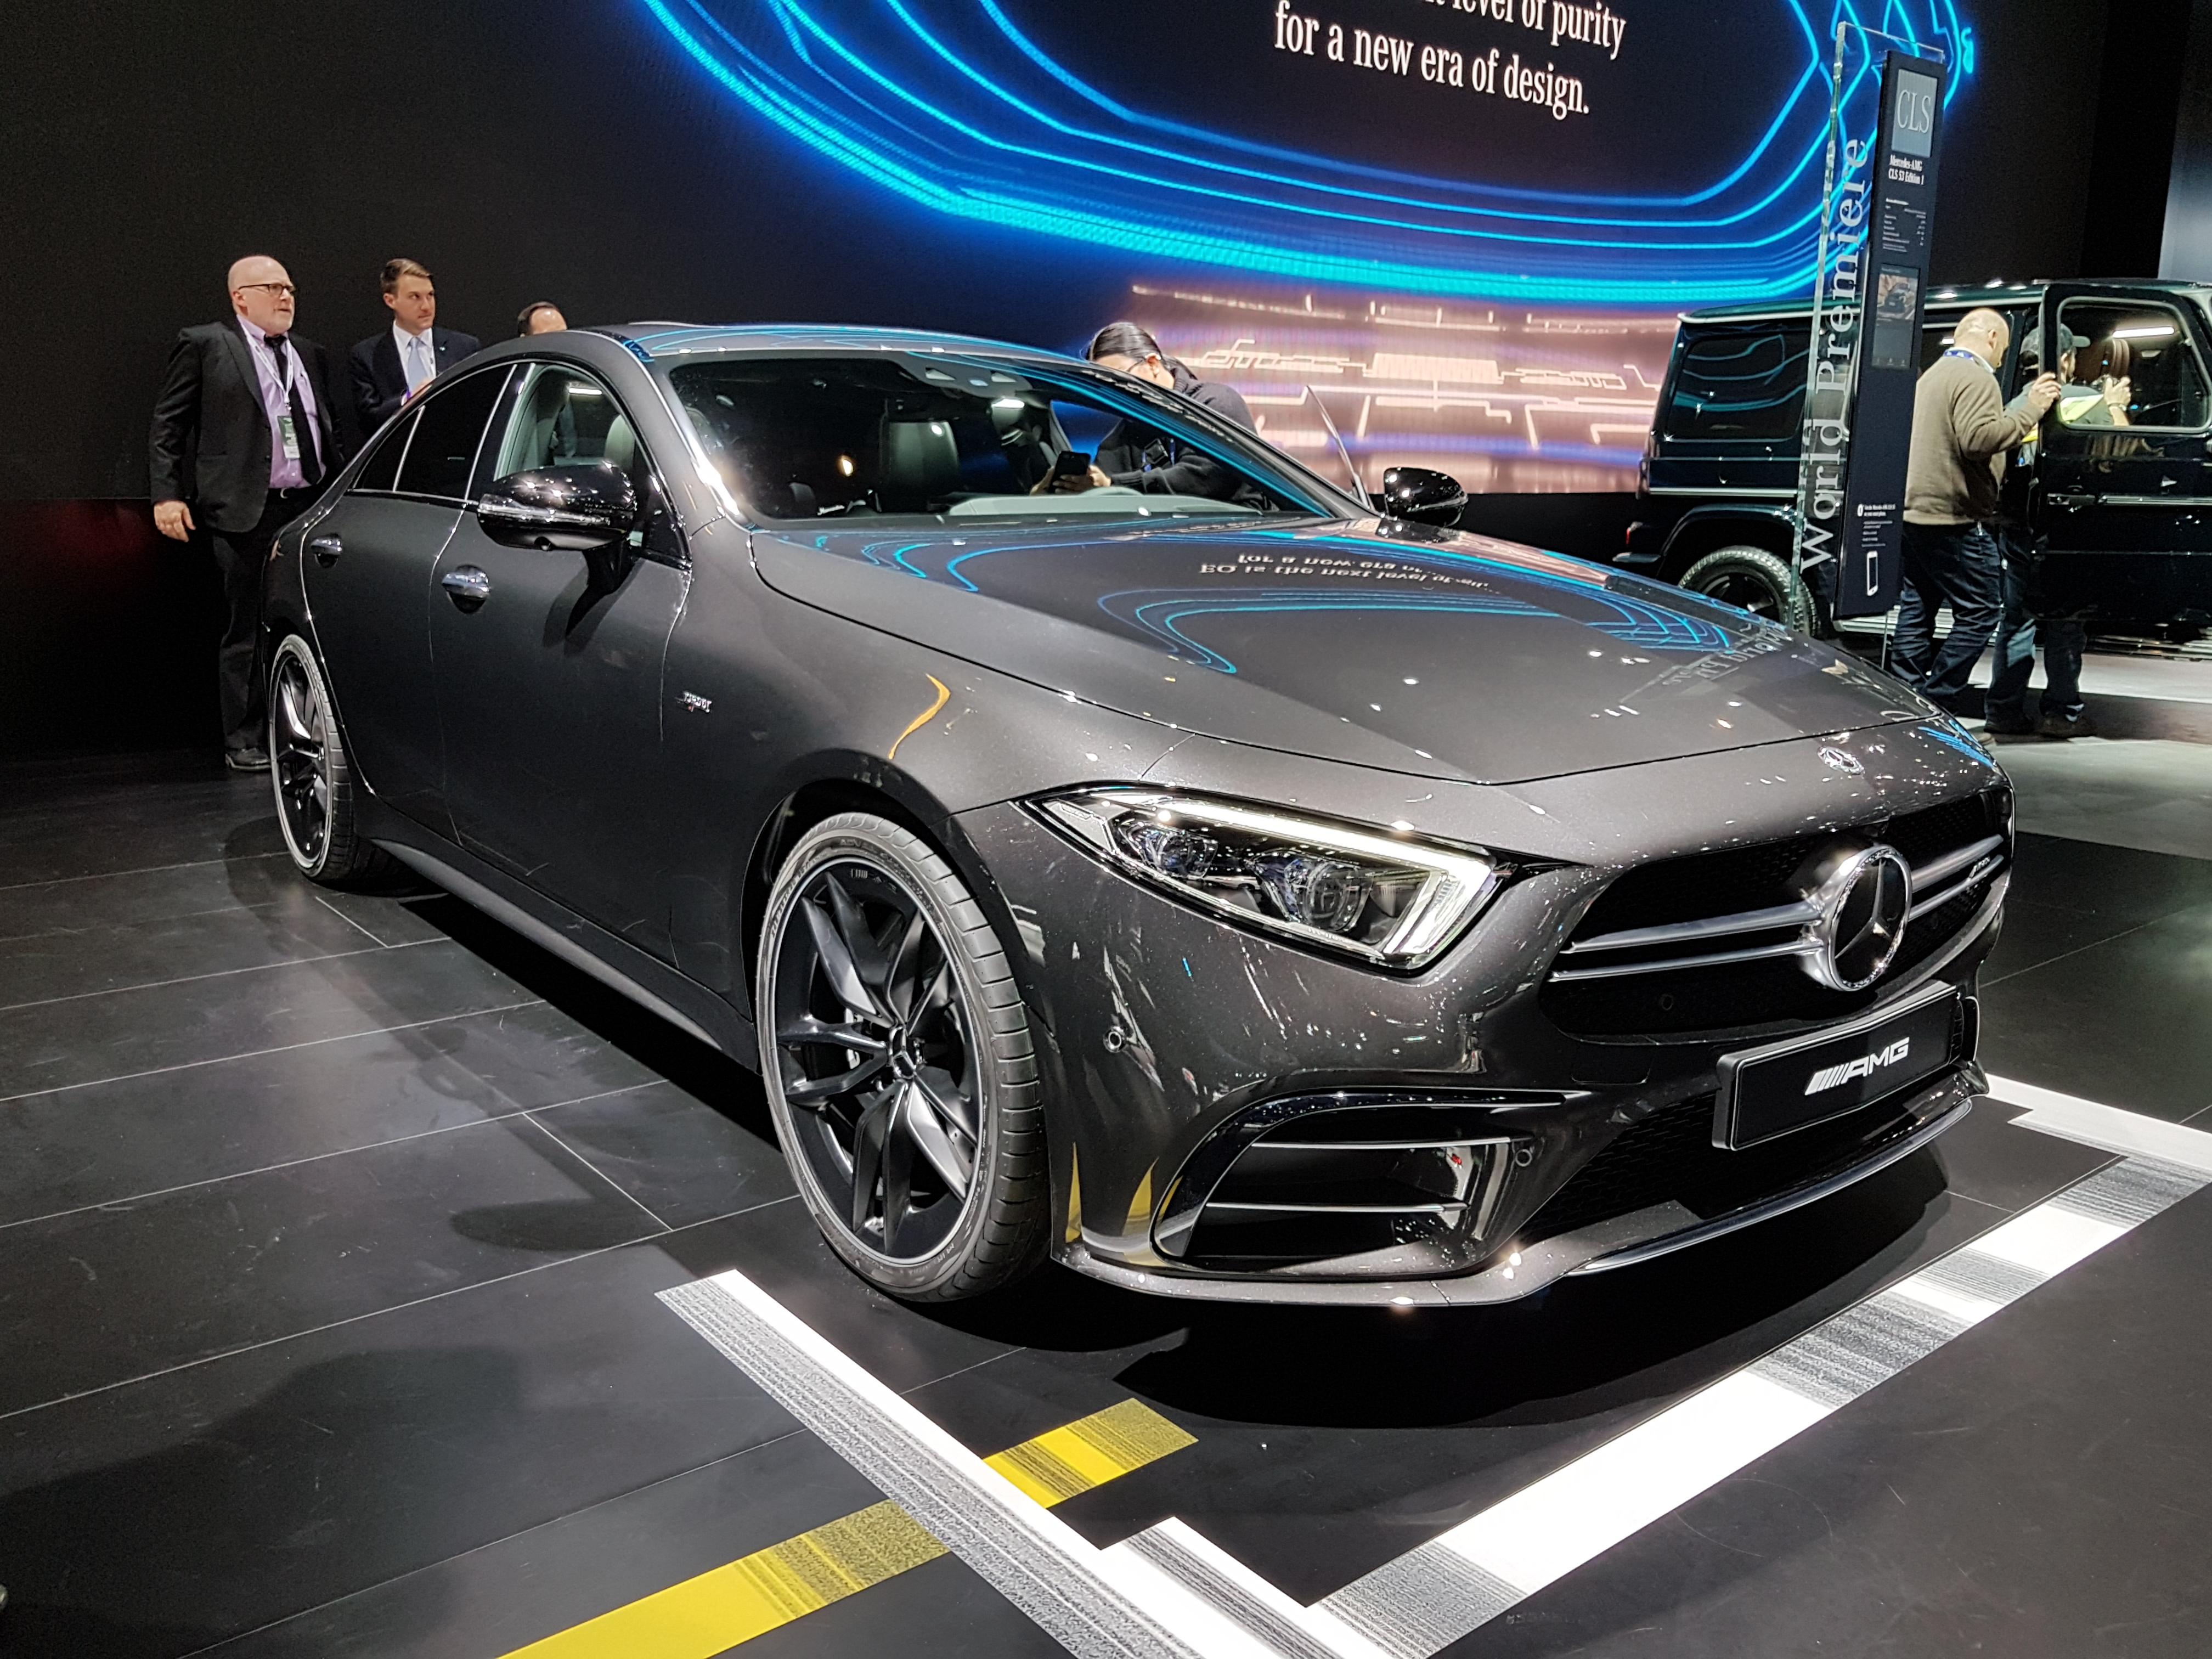 CLS 53, primeiro Mercedes-AMG híbrido da história em exibição no Salão de Detroit